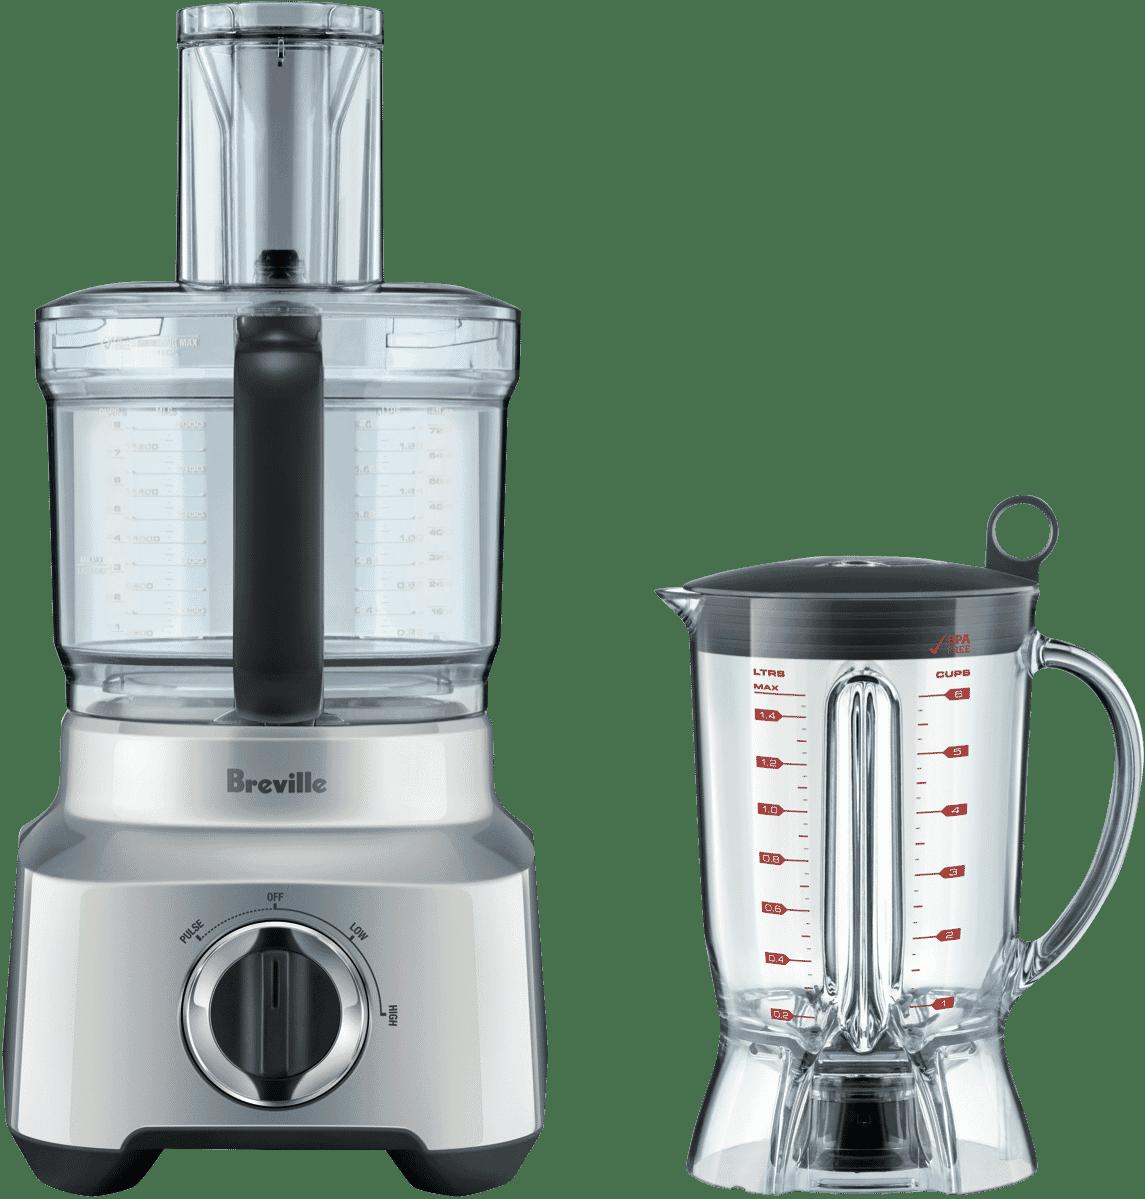 Kitchen Wizz 8 Plus 1000W Food Processor